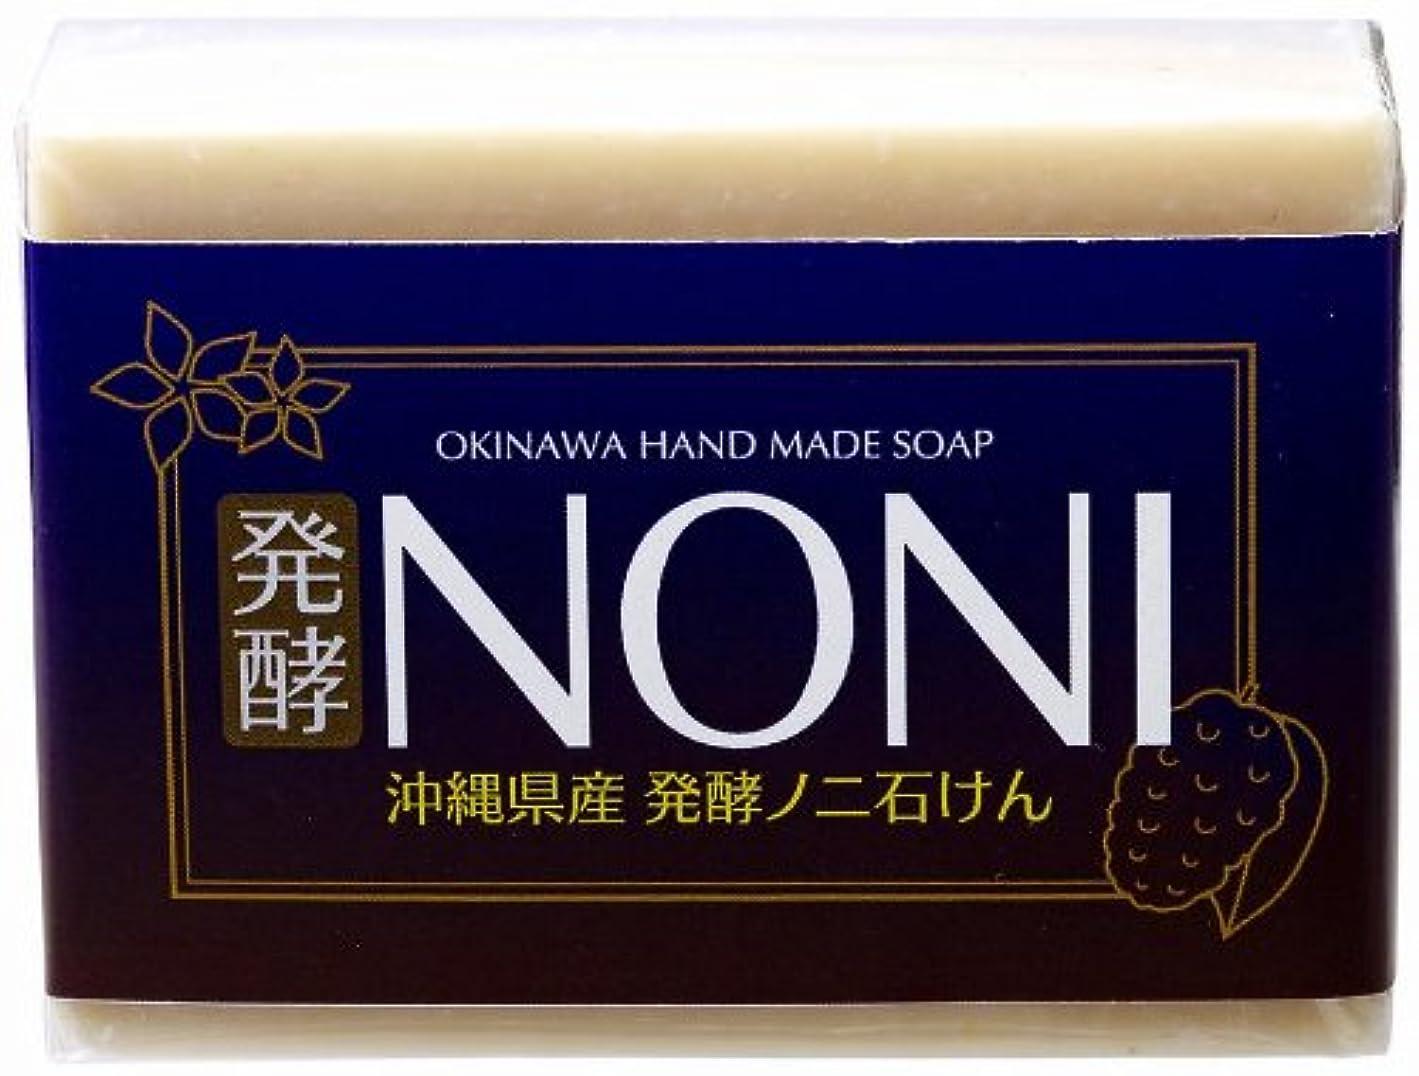 農民ルーチン確率沖縄 手作り ナチュラル洗顔 NONI石鹸 100g×4個 GreenEarth 発酵ノニを使用した保湿力の高いナチュラルソープ